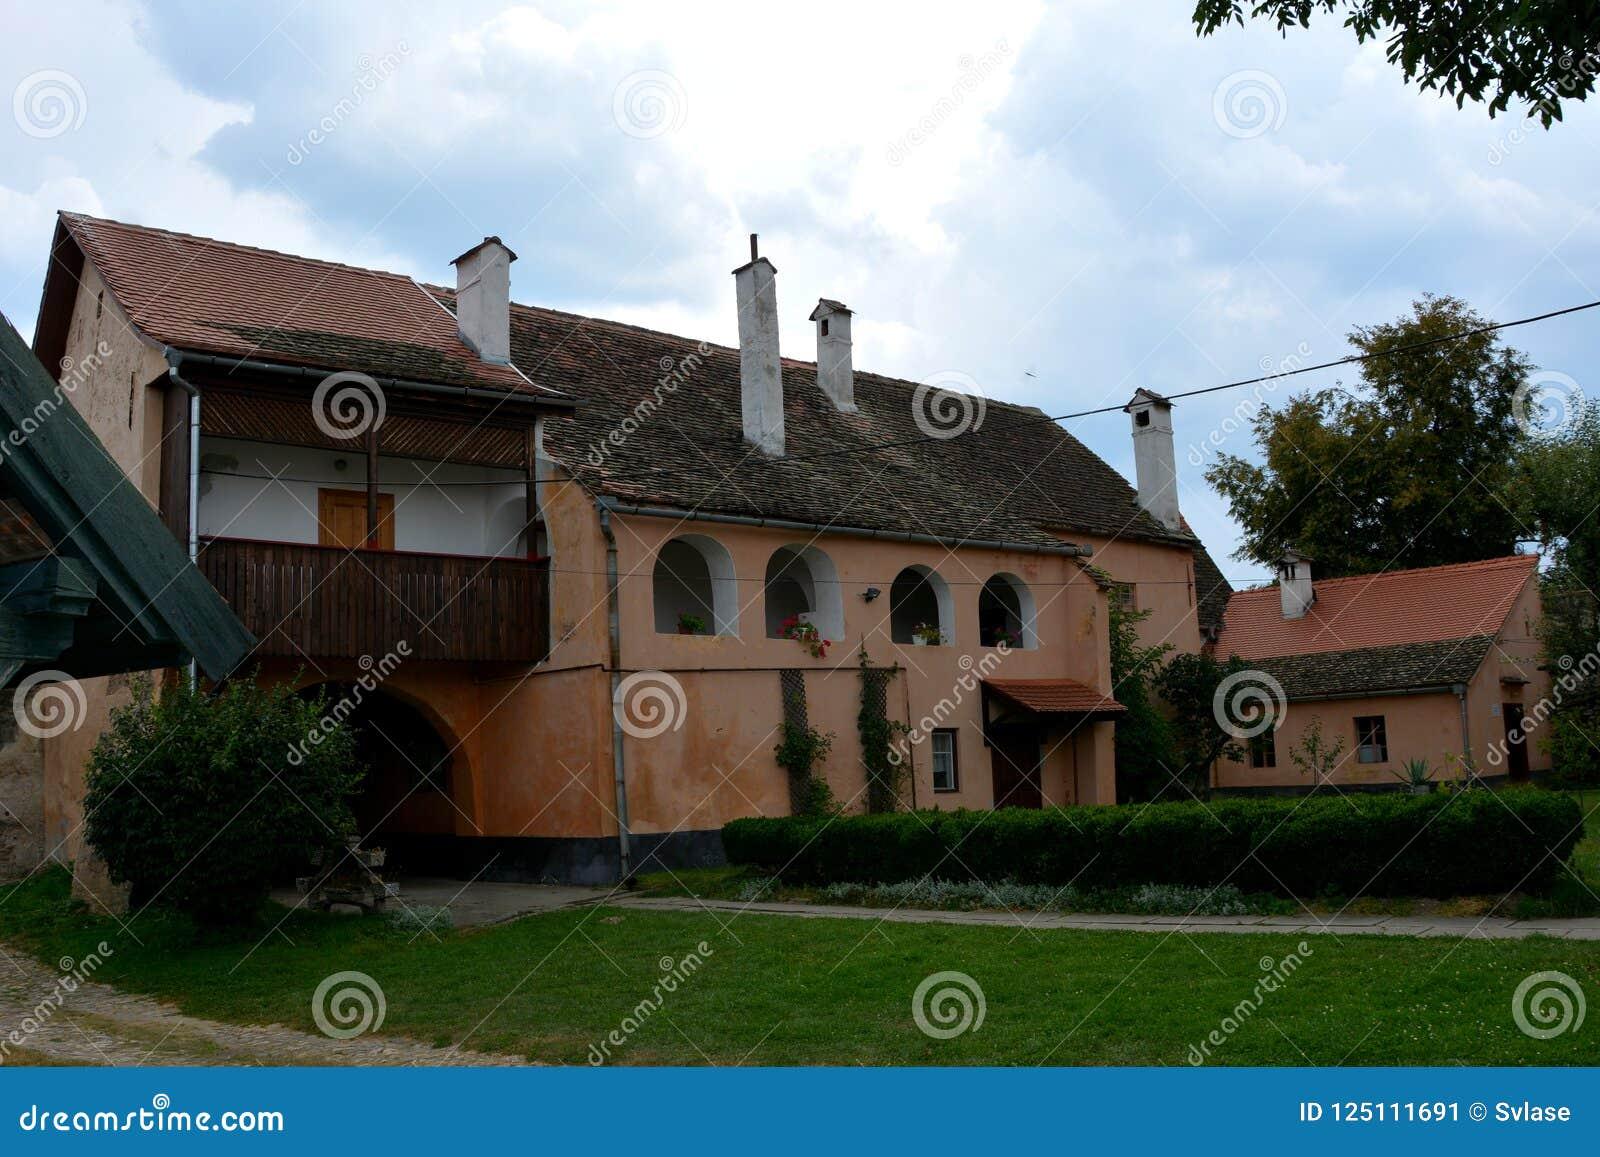 Μέσα στο προαύλιο της μεσαιωνικής ενισχυμένης εκκλησίας Cristian, Τρανσυλβανία